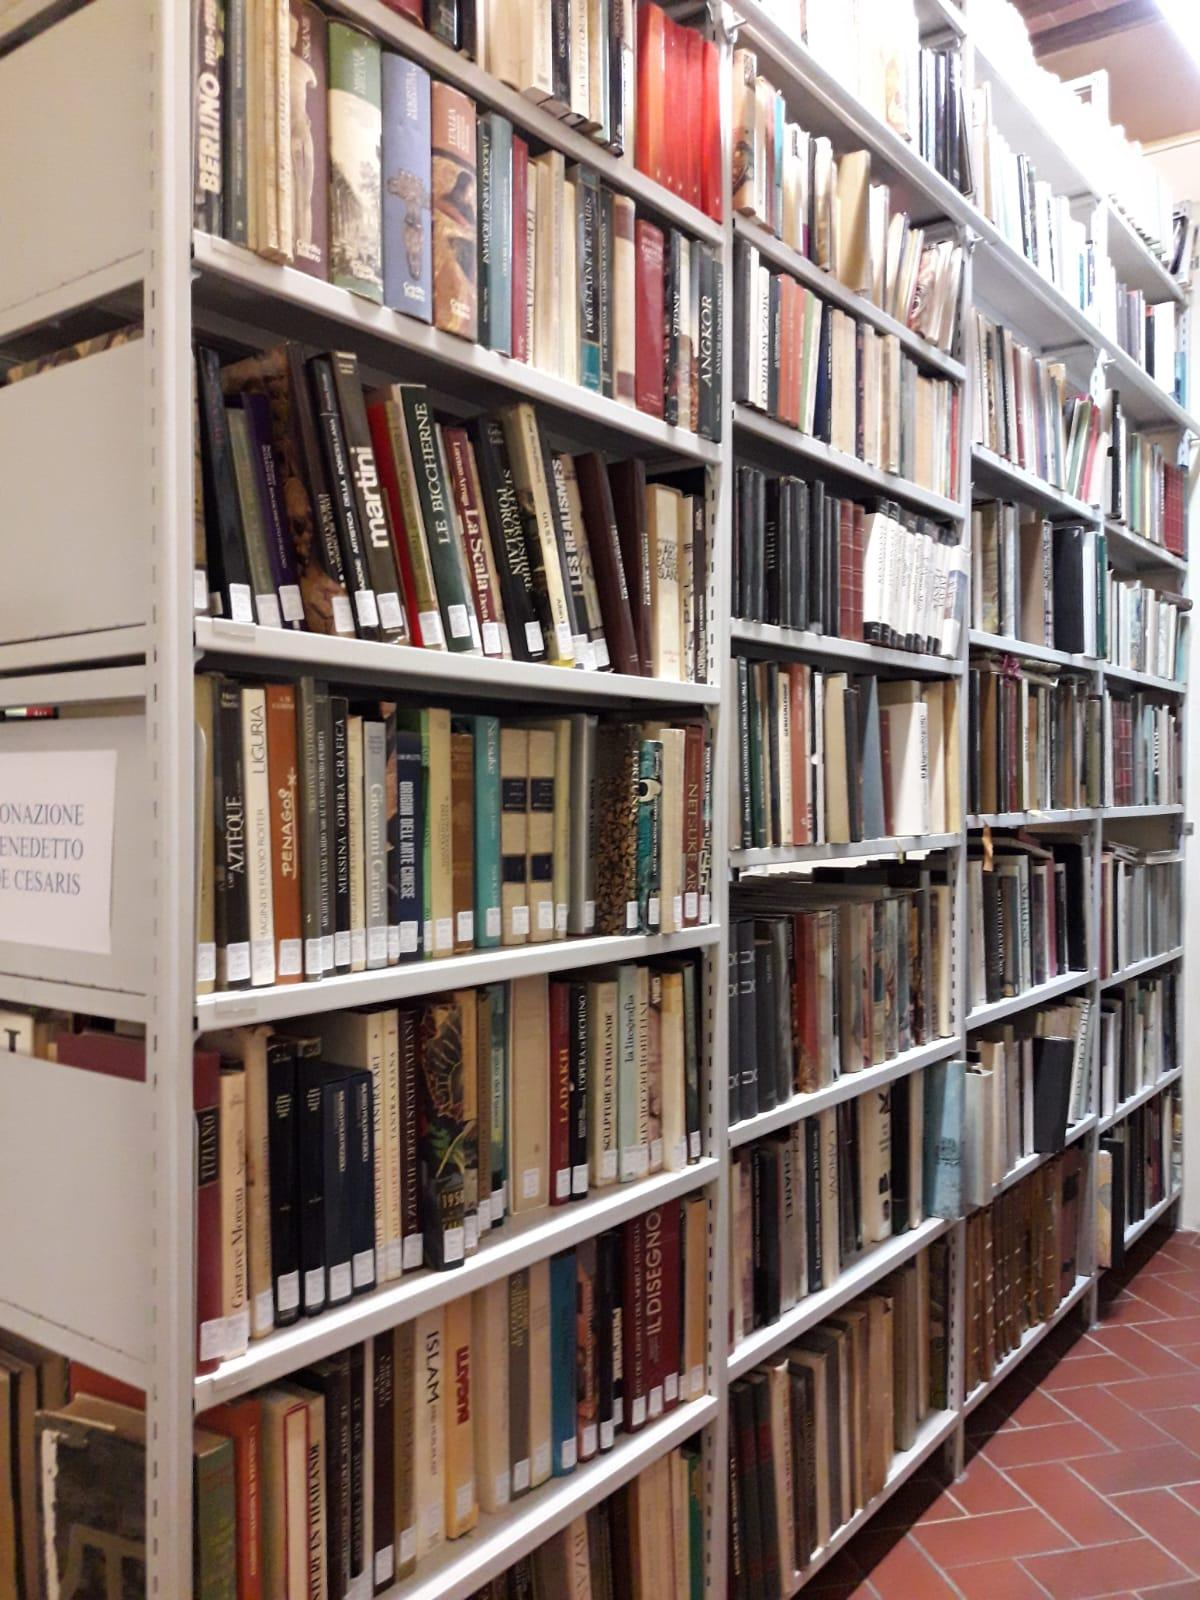 10mila euro dal Ministero alla Biblioteca Comunale di Castiglion Fiorentino per l'acquisto di libri